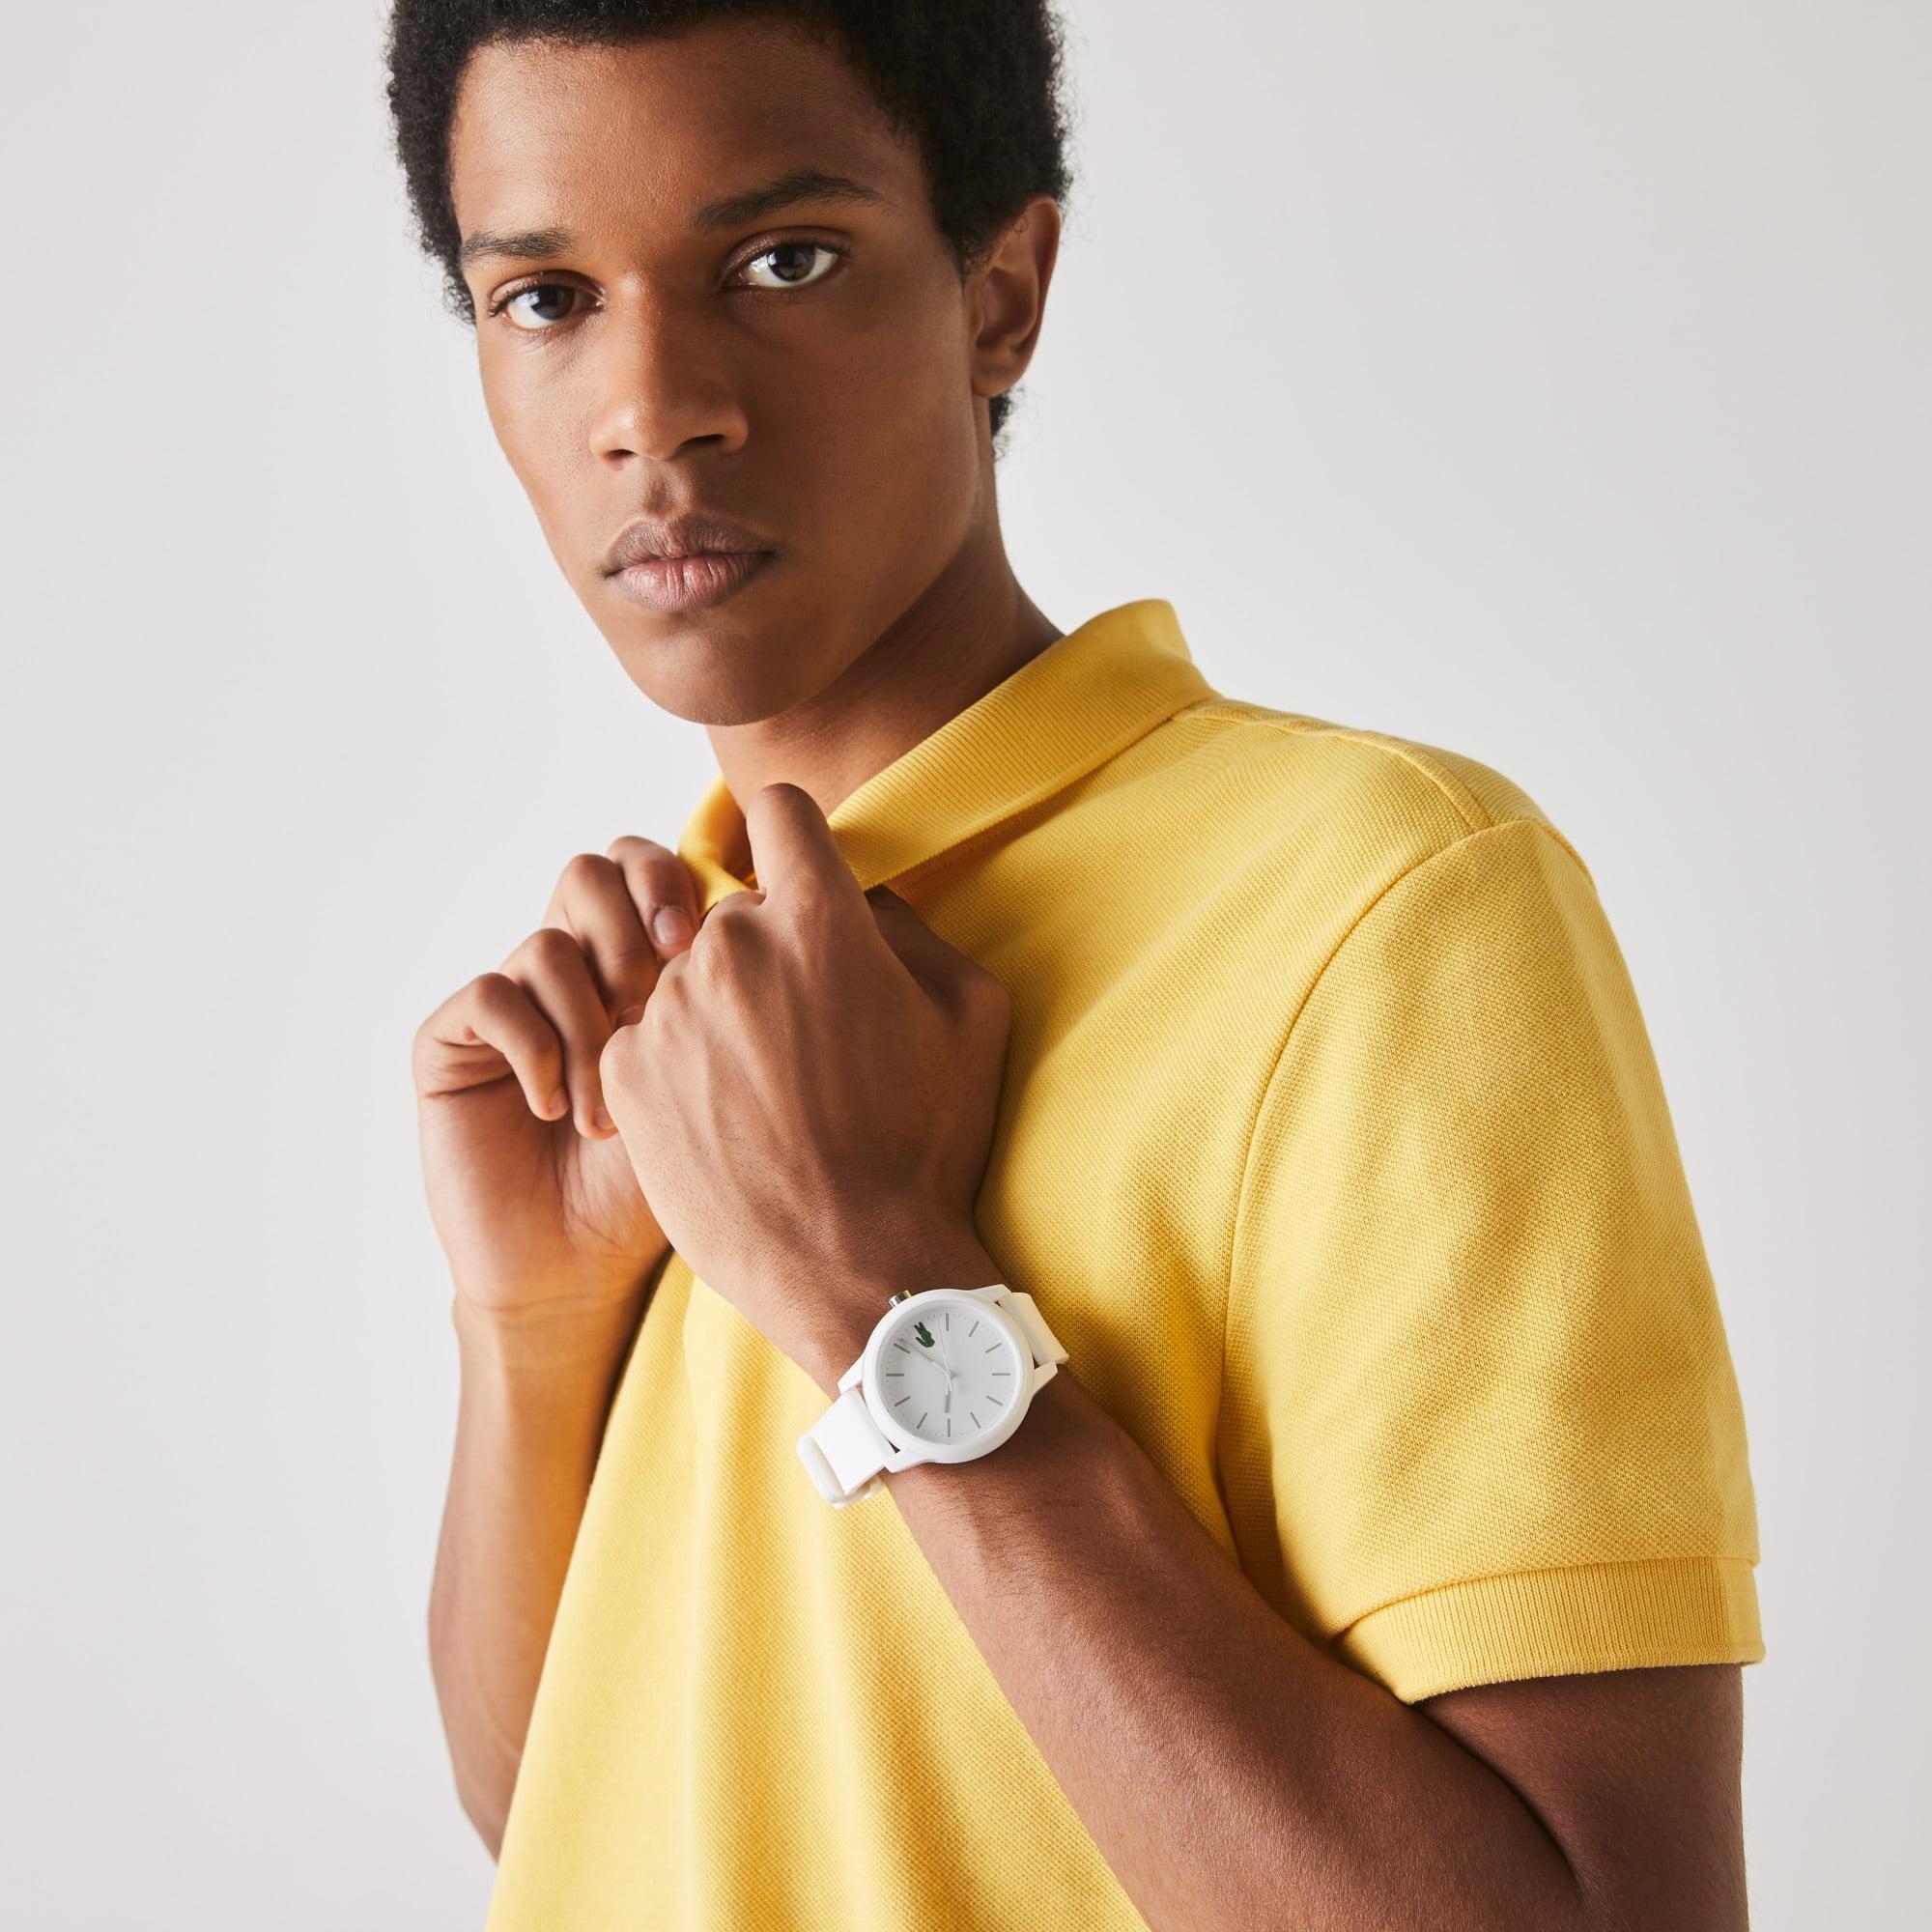 Montre Homme Lacoste 12.12 3 aiguilles avec Bracelet Silicone Blanc b42aba90415